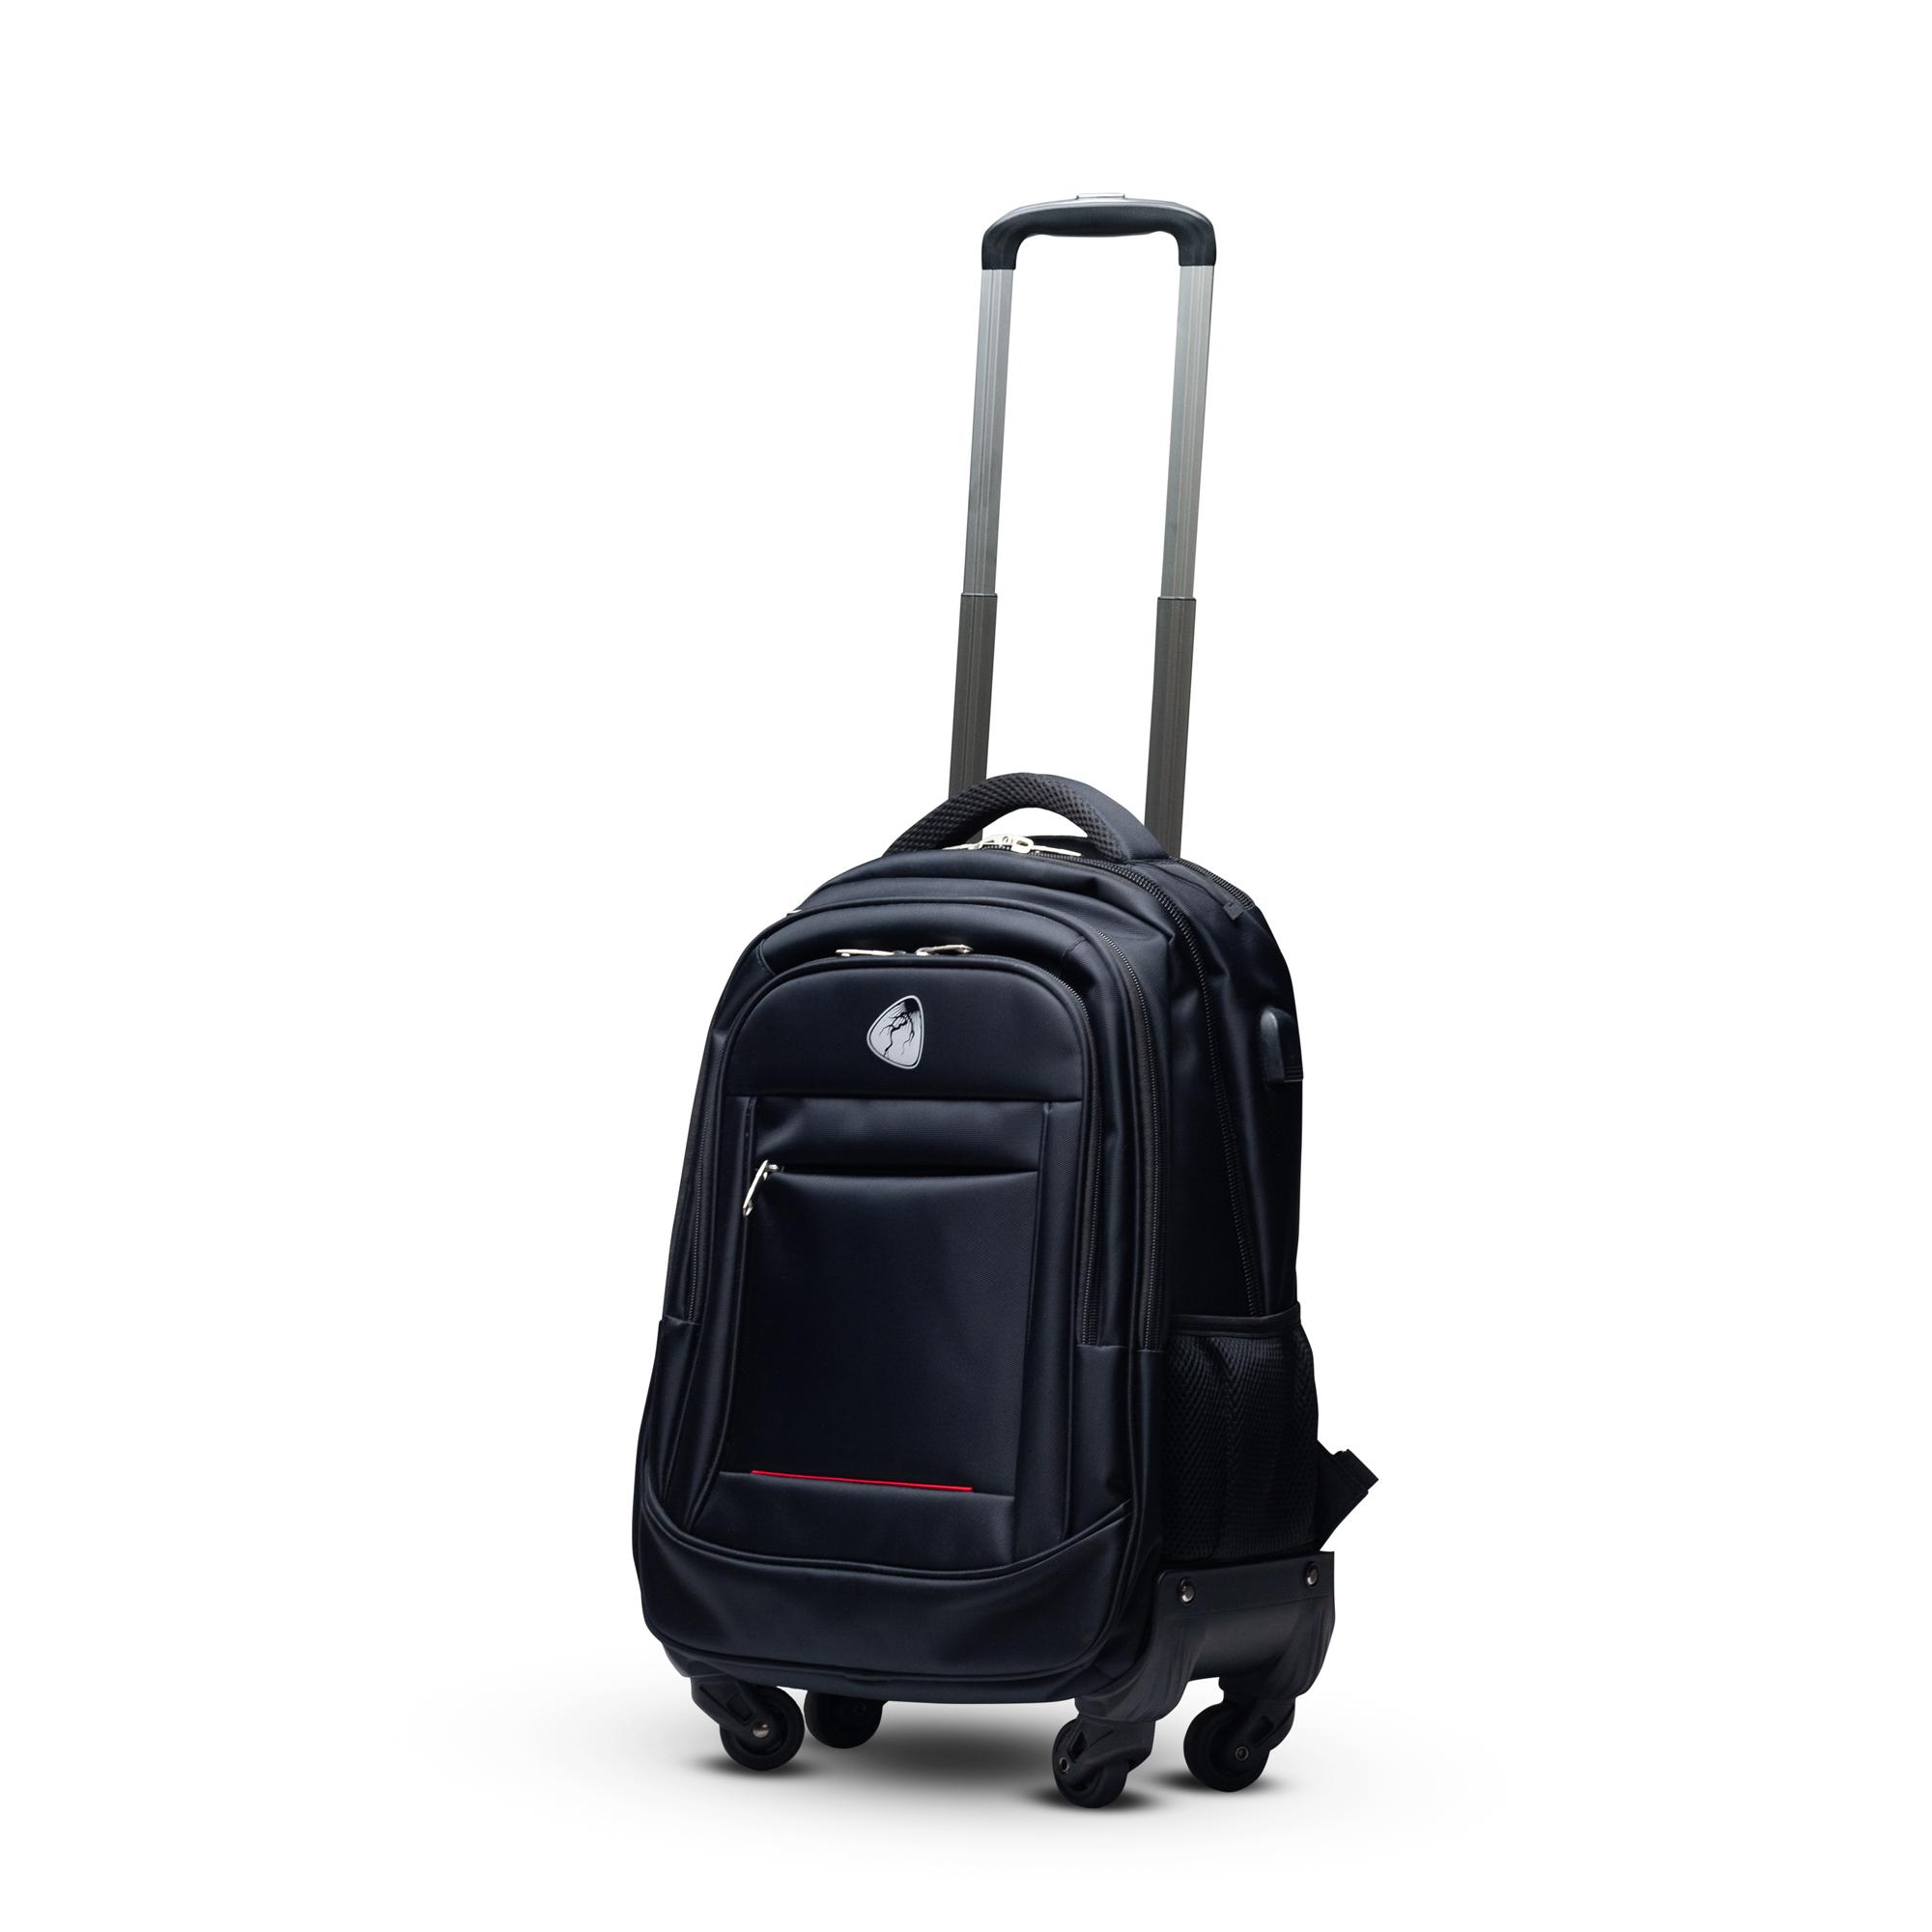 BLITZER Business Rucksack mit Trolley Funktion